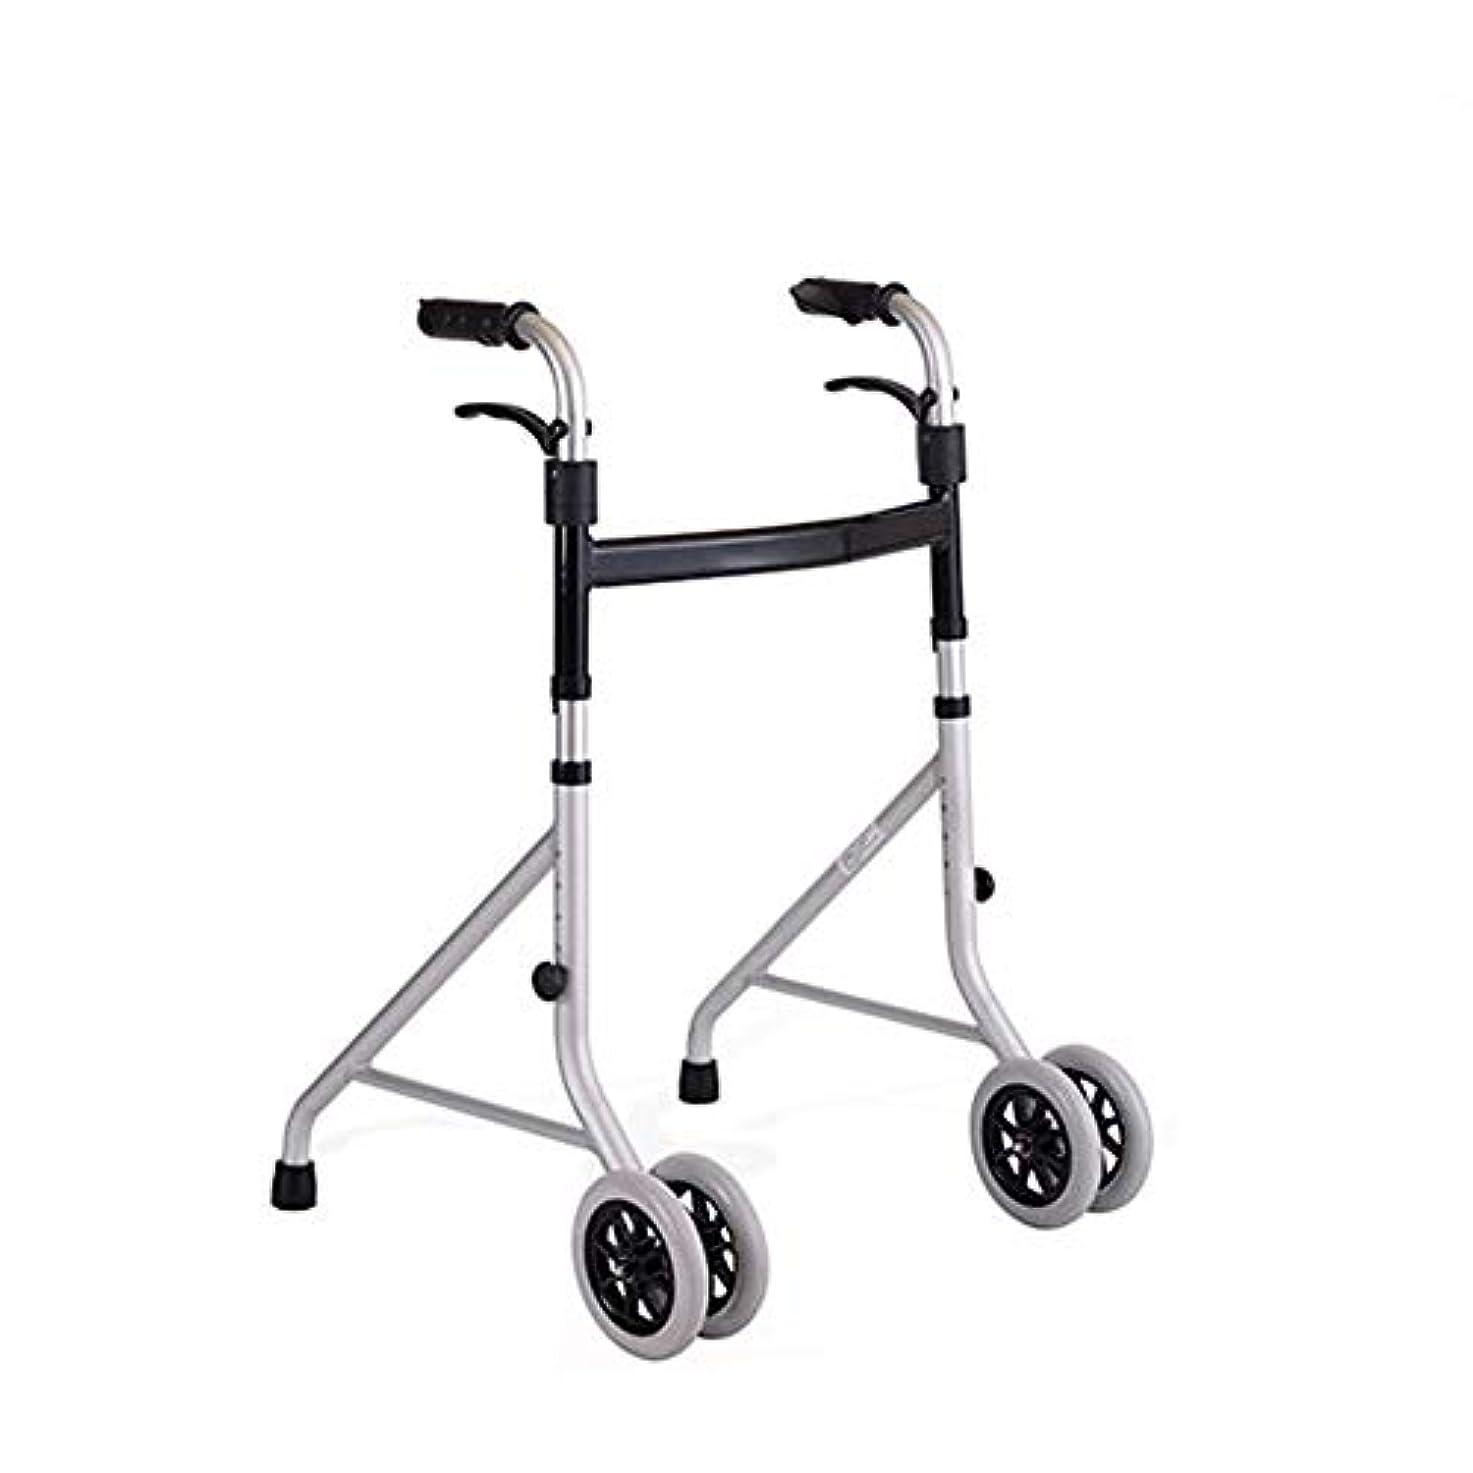 偏心バストドラフト折りたたみ式軽量アルミニウム歩行フレーム/ジマー/ 4車輪付き歩行器-高さ調節可能 (Color : Gray)